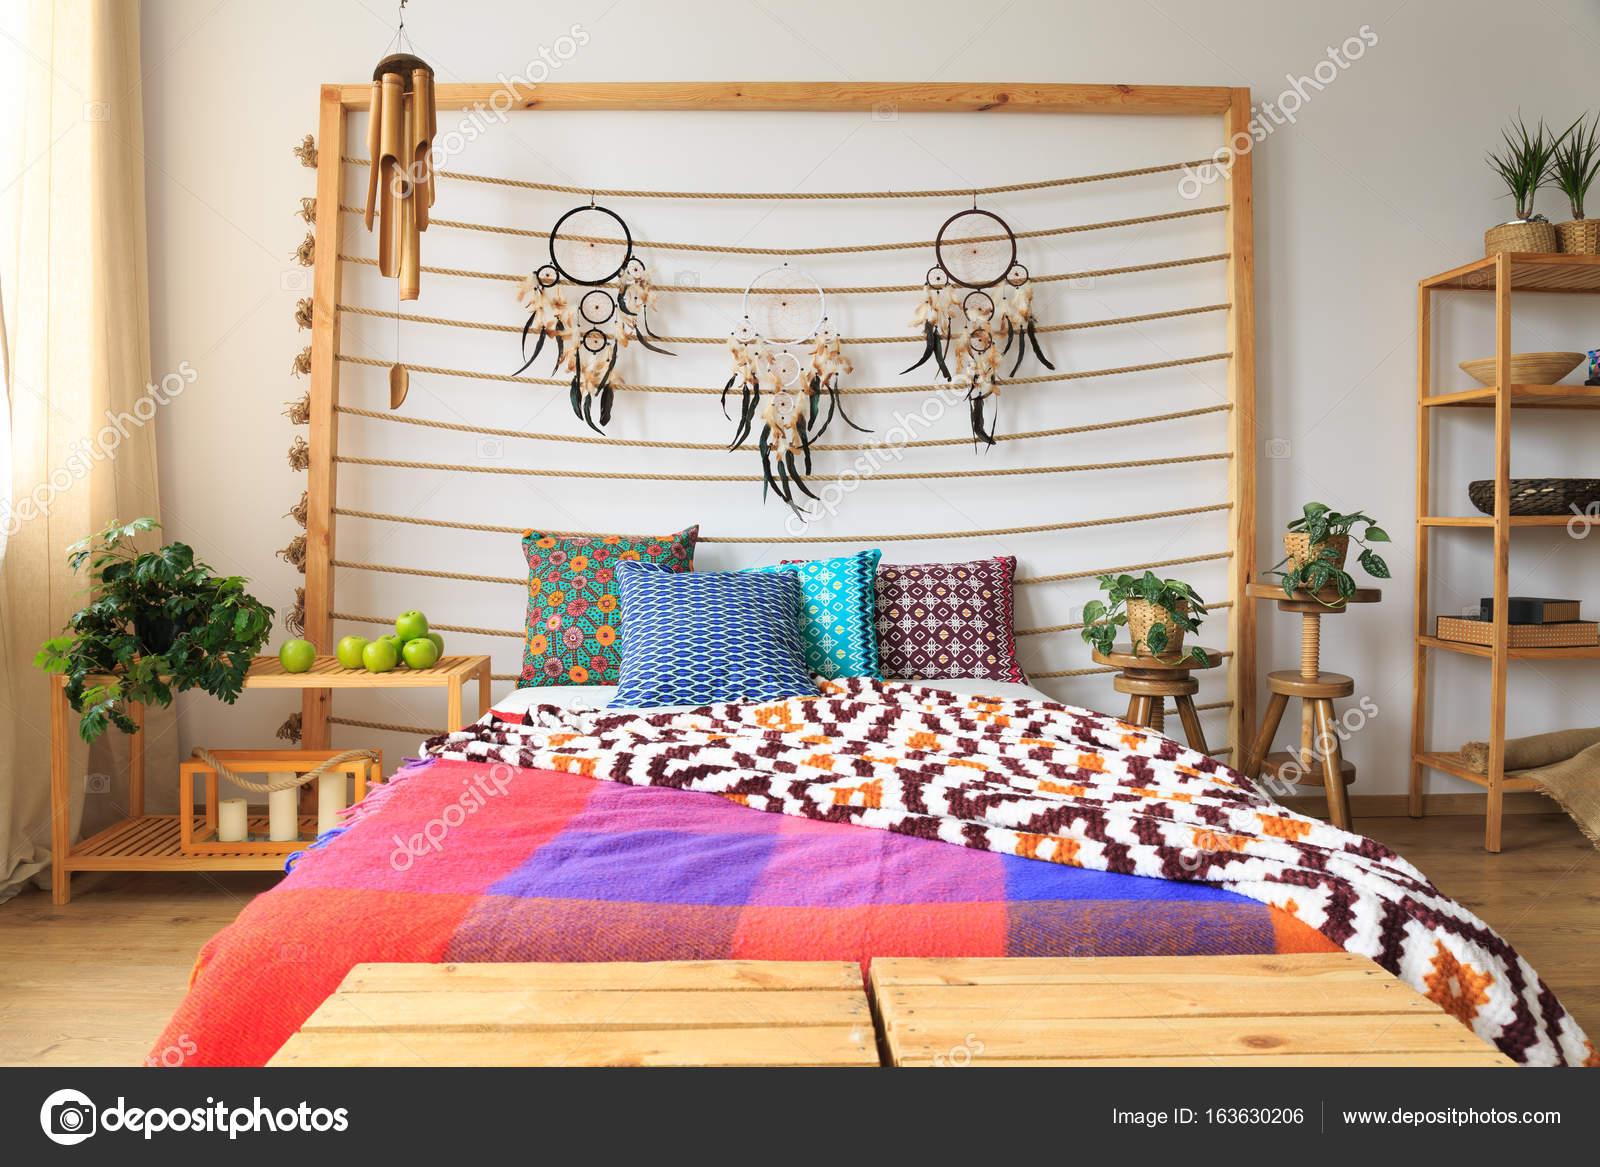 Dormitorio con cama de colores Foto de stock photographeeeu